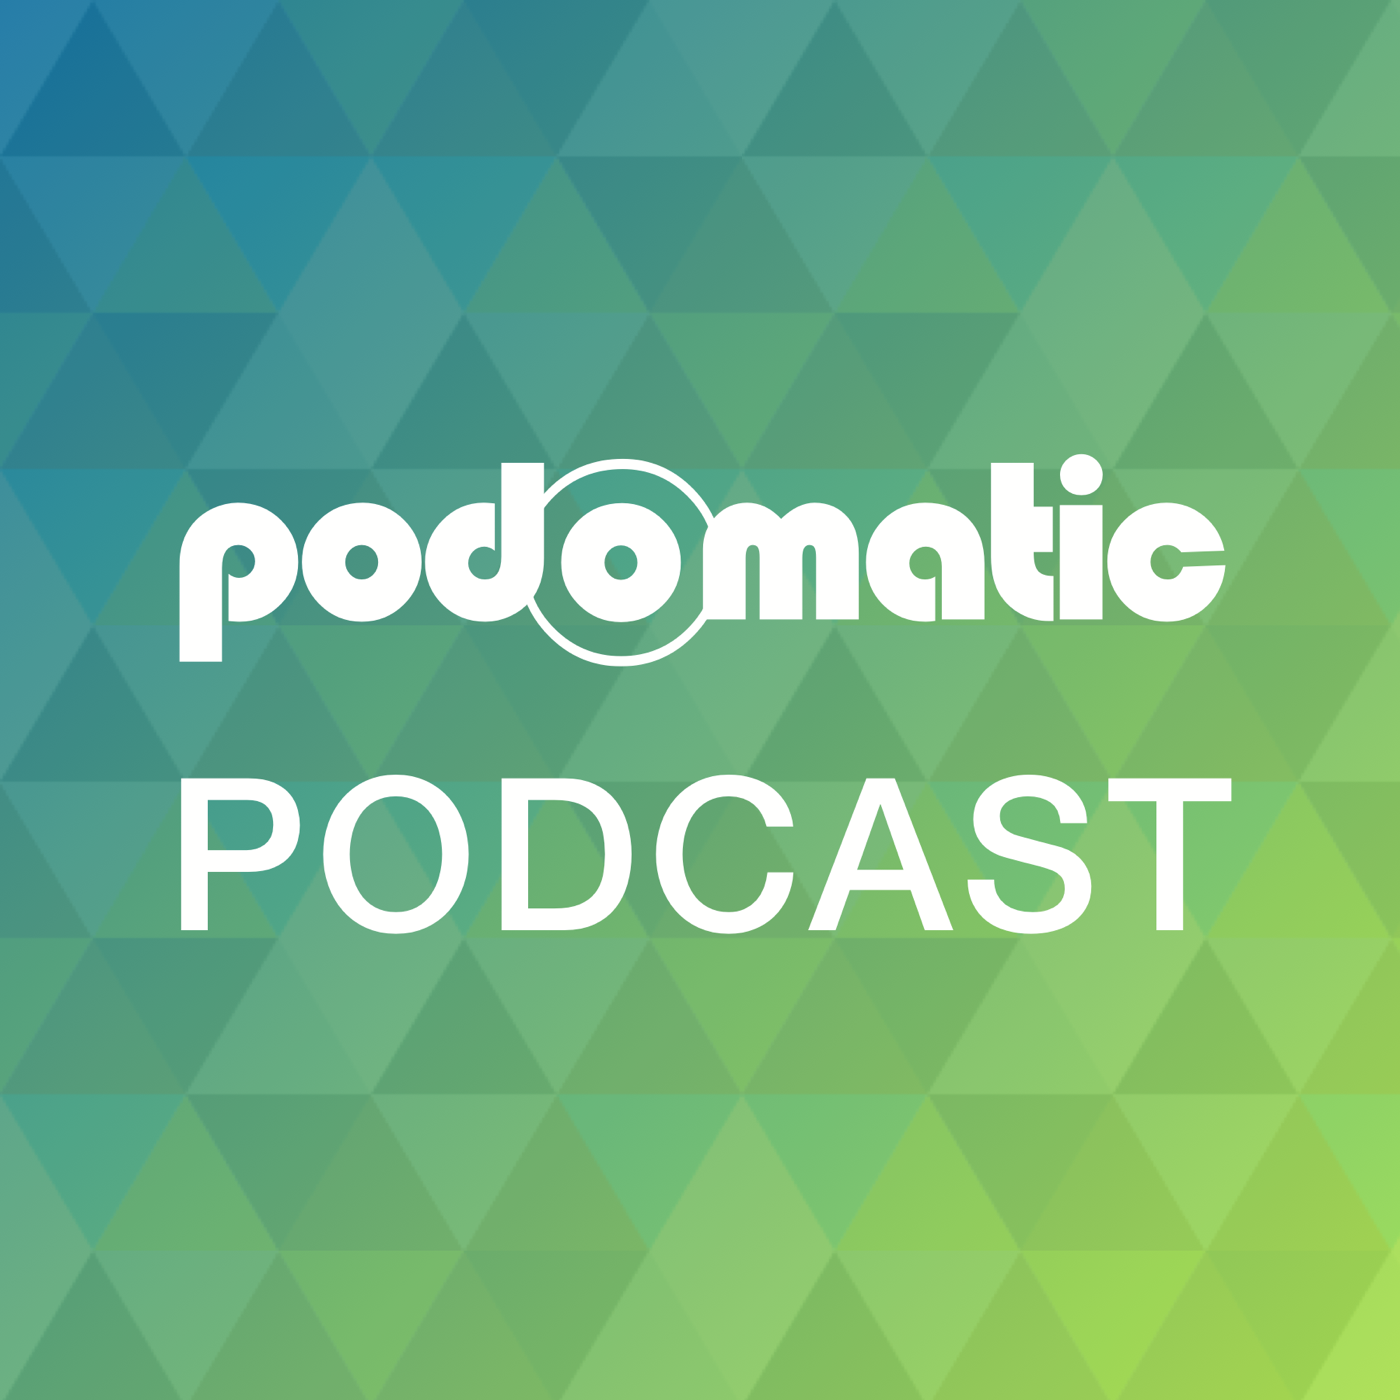 bultum mohammed's Podcast